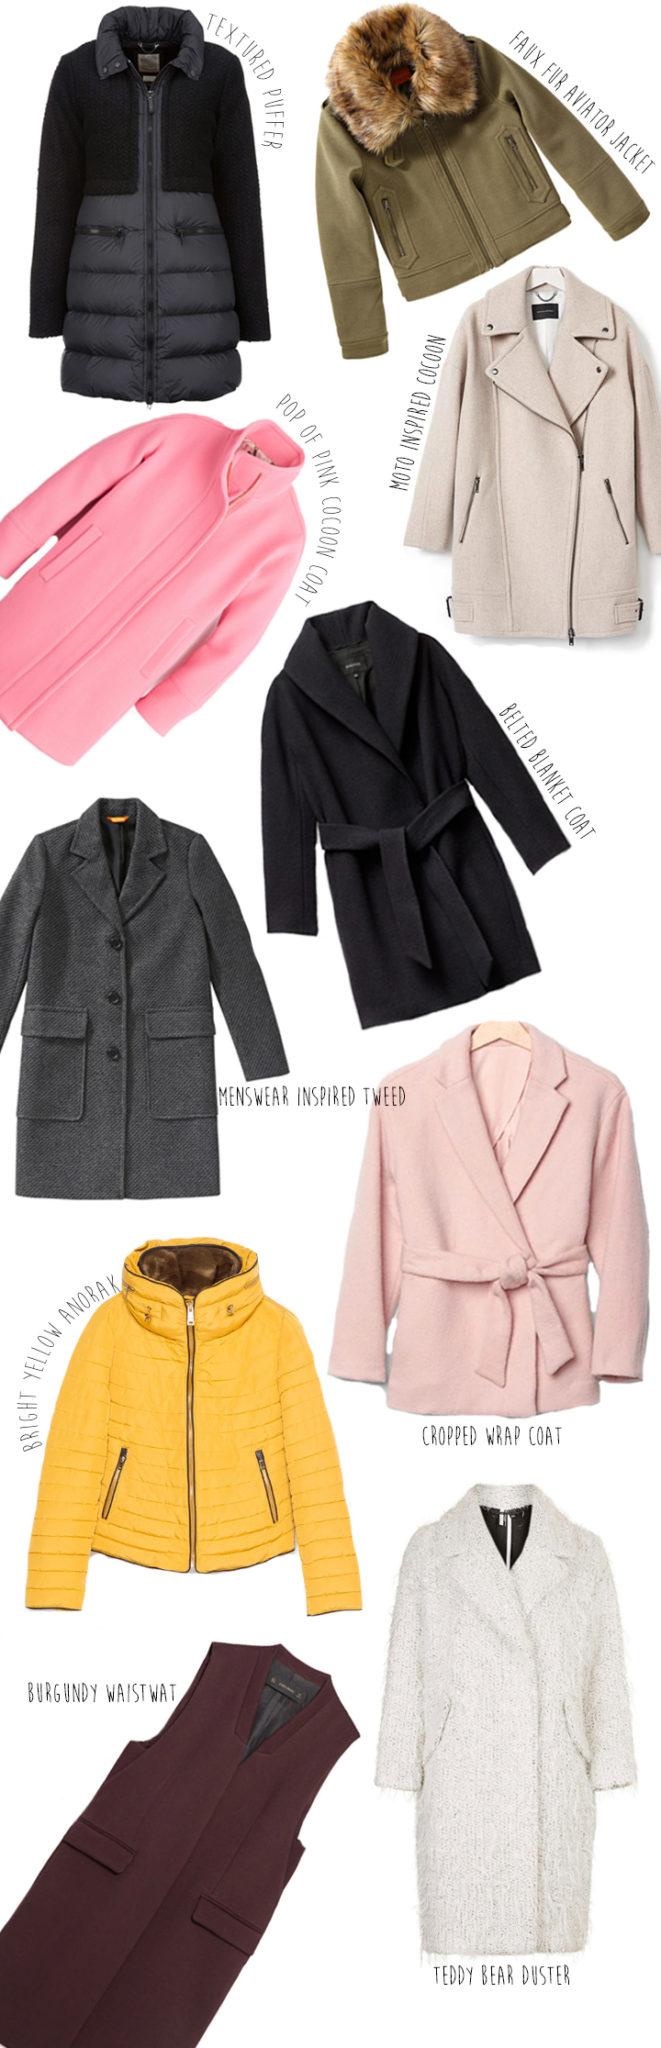 fall_2015_coat_trends